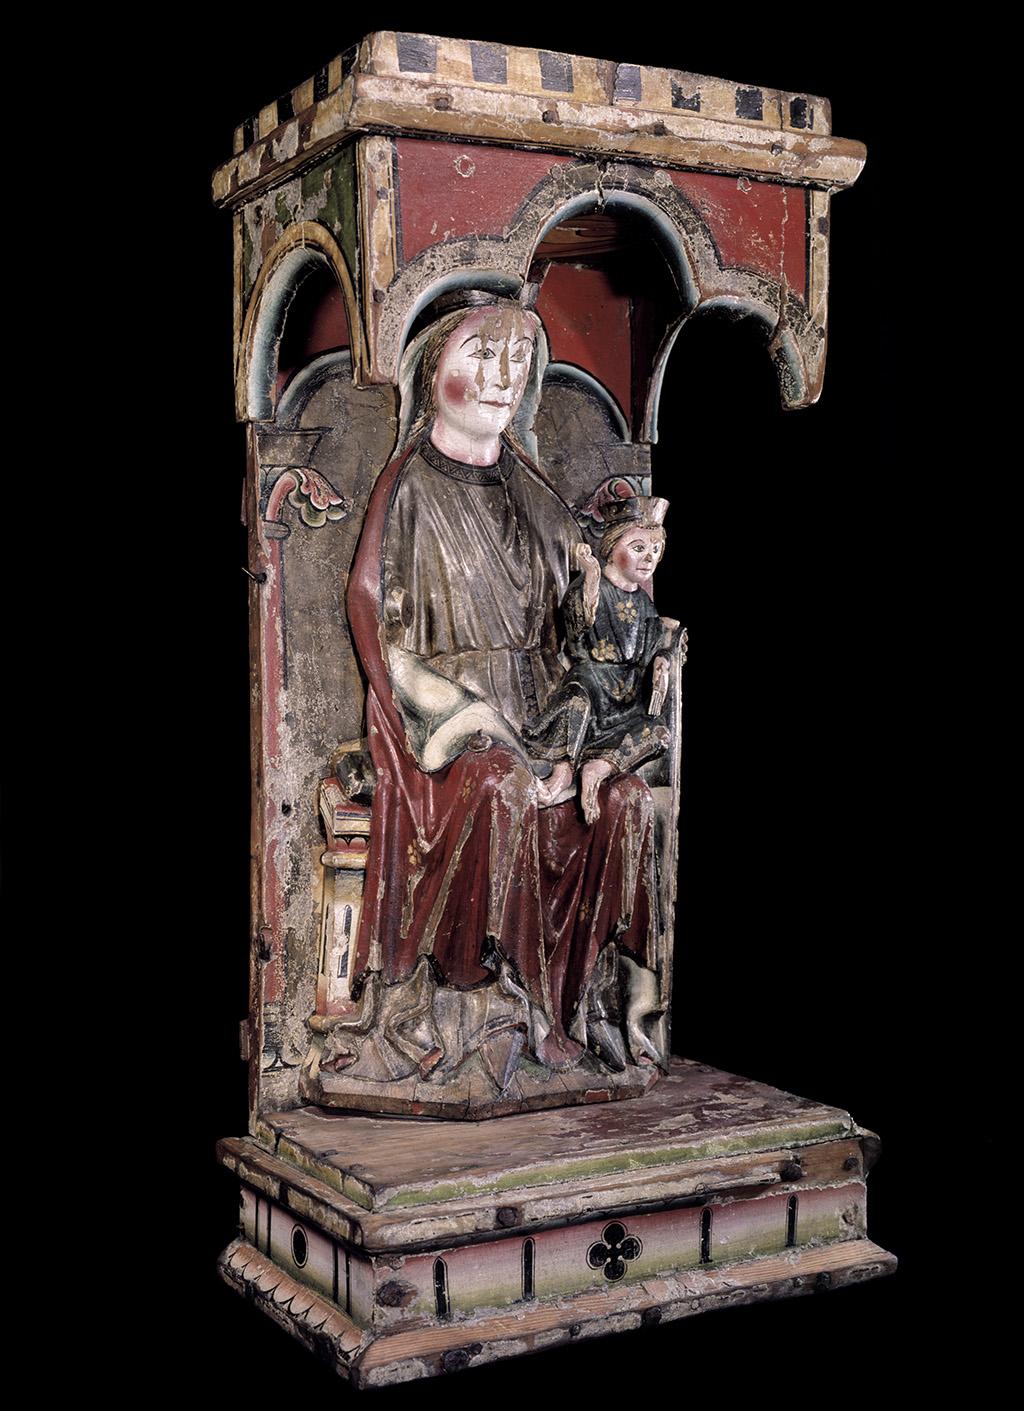 Marededeu de Dal, 1250-1260. Museu de la Universitat d'Oslo